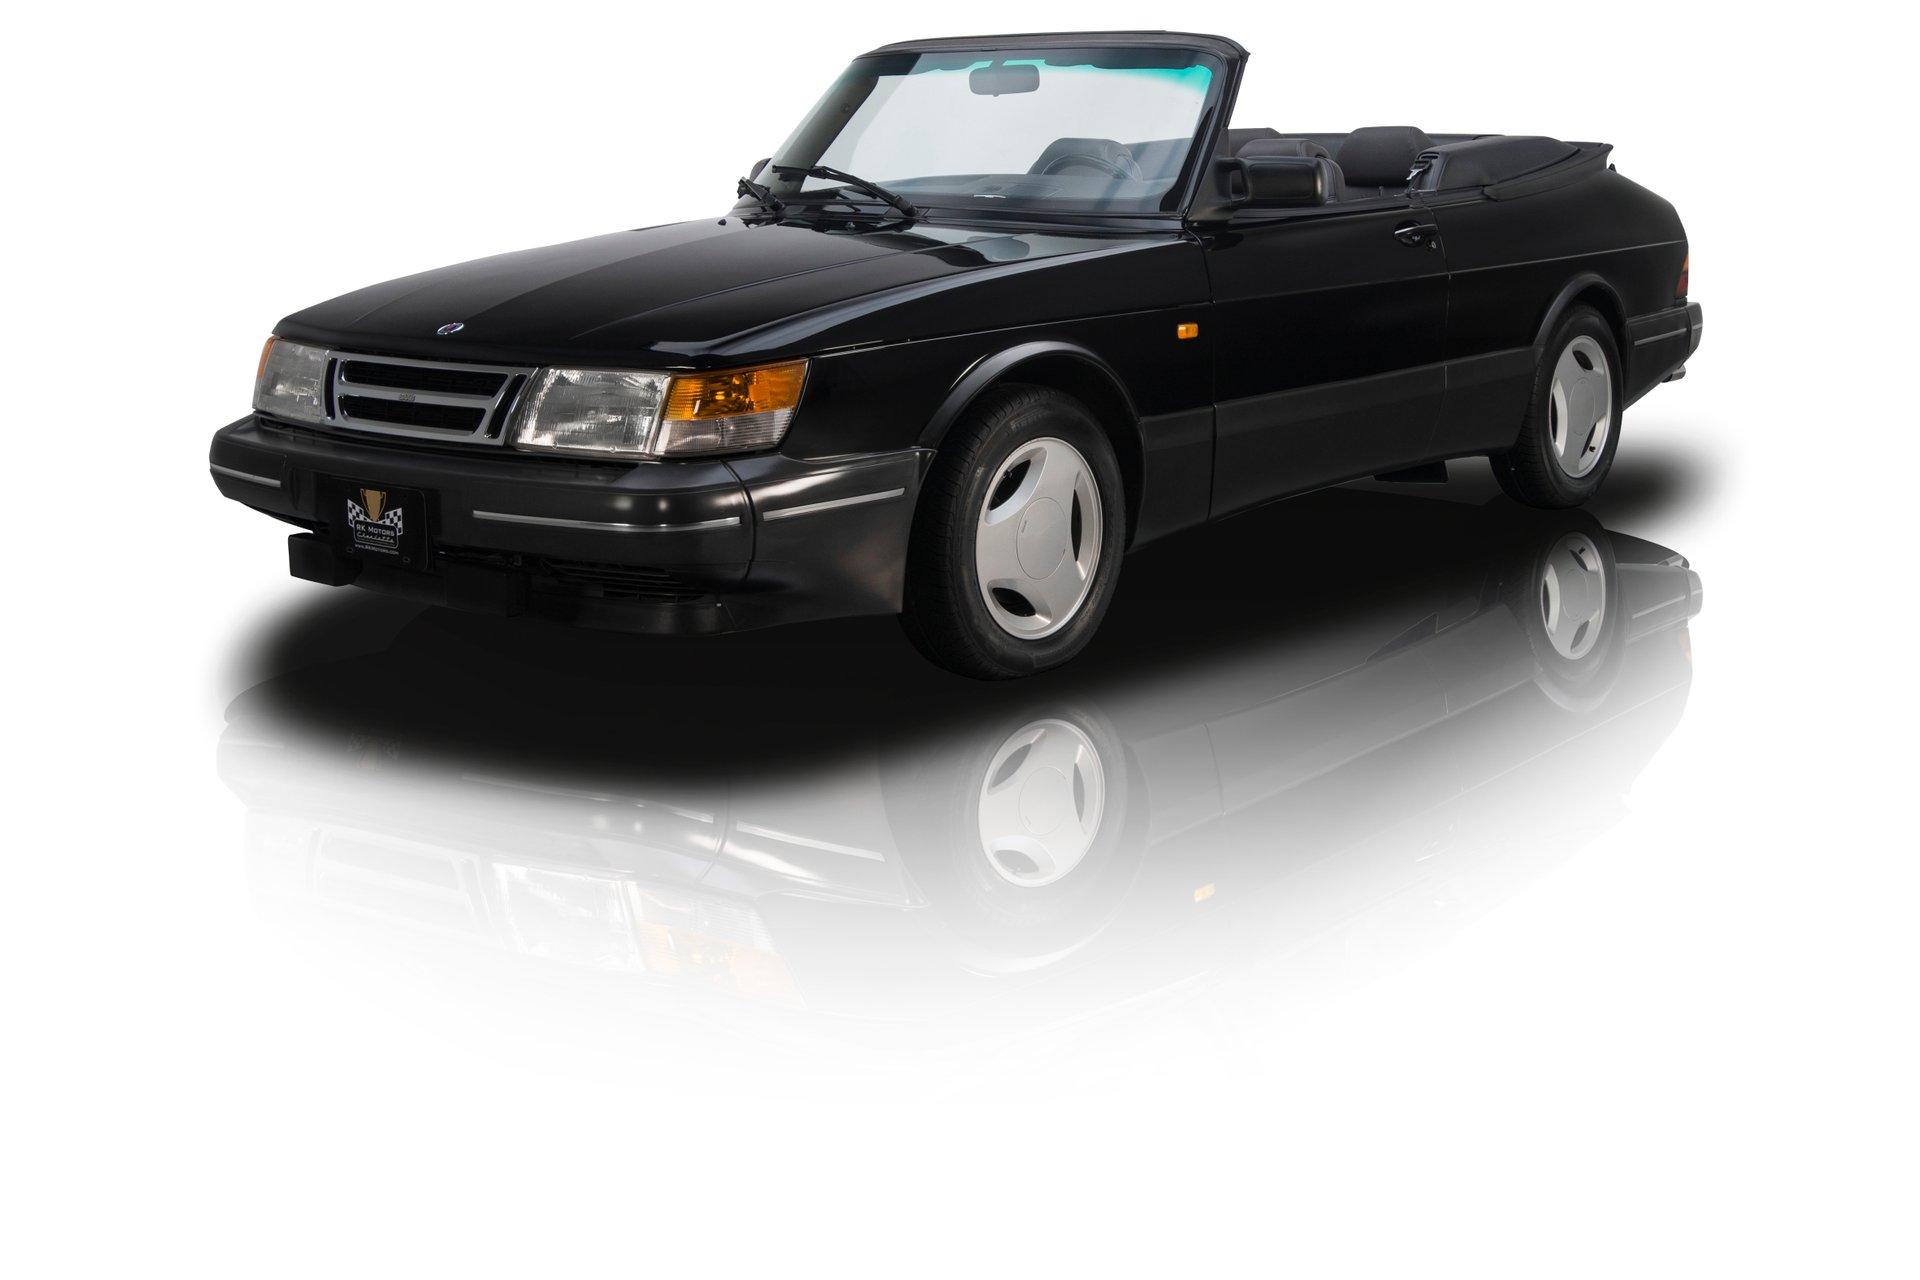 1988 saab 900 turbo sis